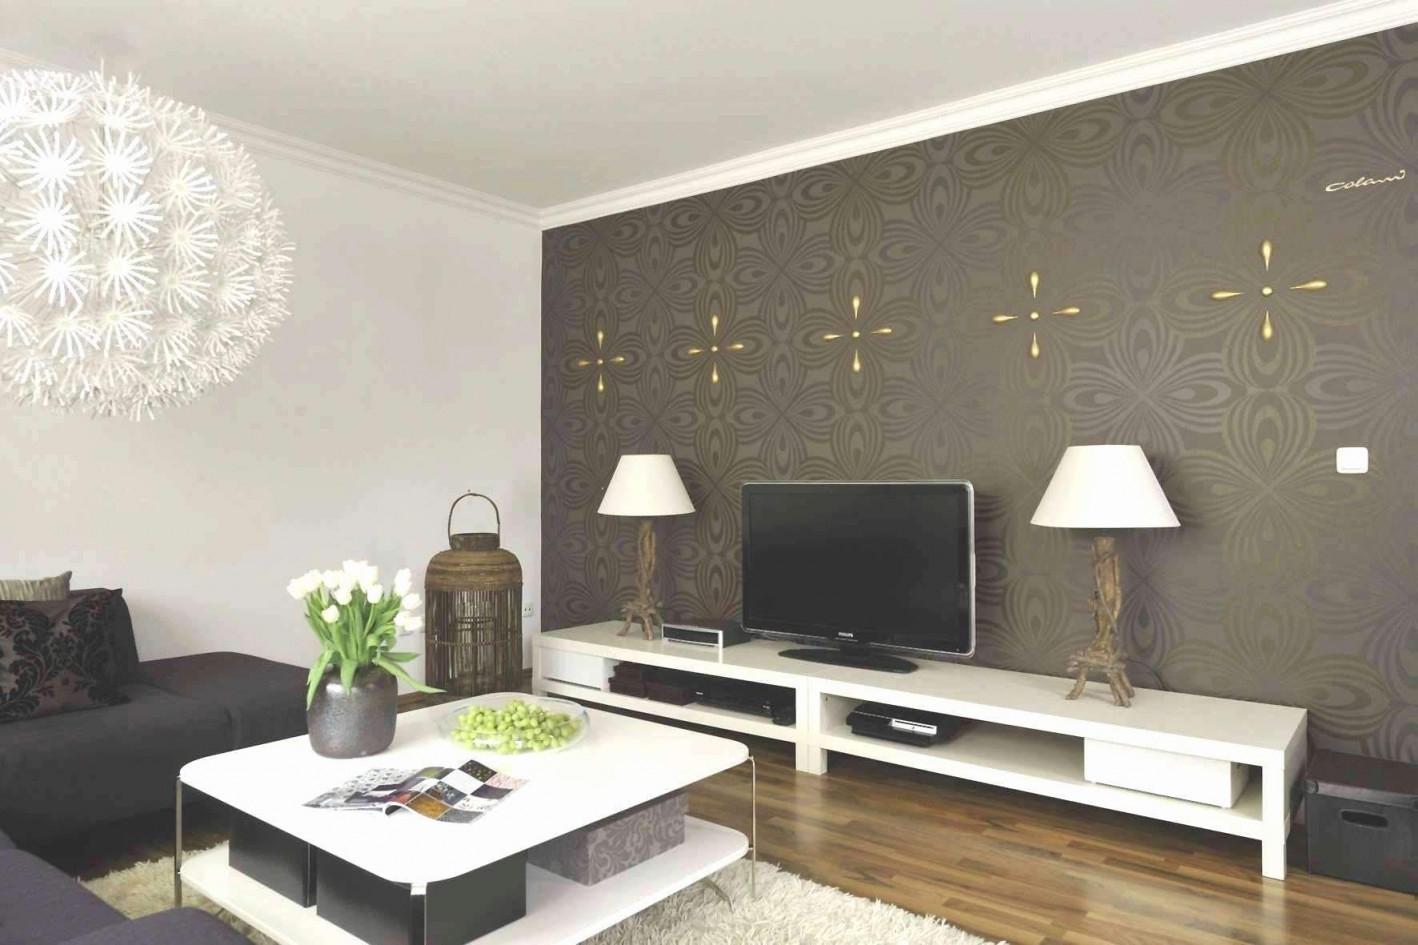 3D Tapeten Wohnzimmer Reizend Fototapete Wohnzimmer Design von Designer Tapeten Wohnzimmer Bild